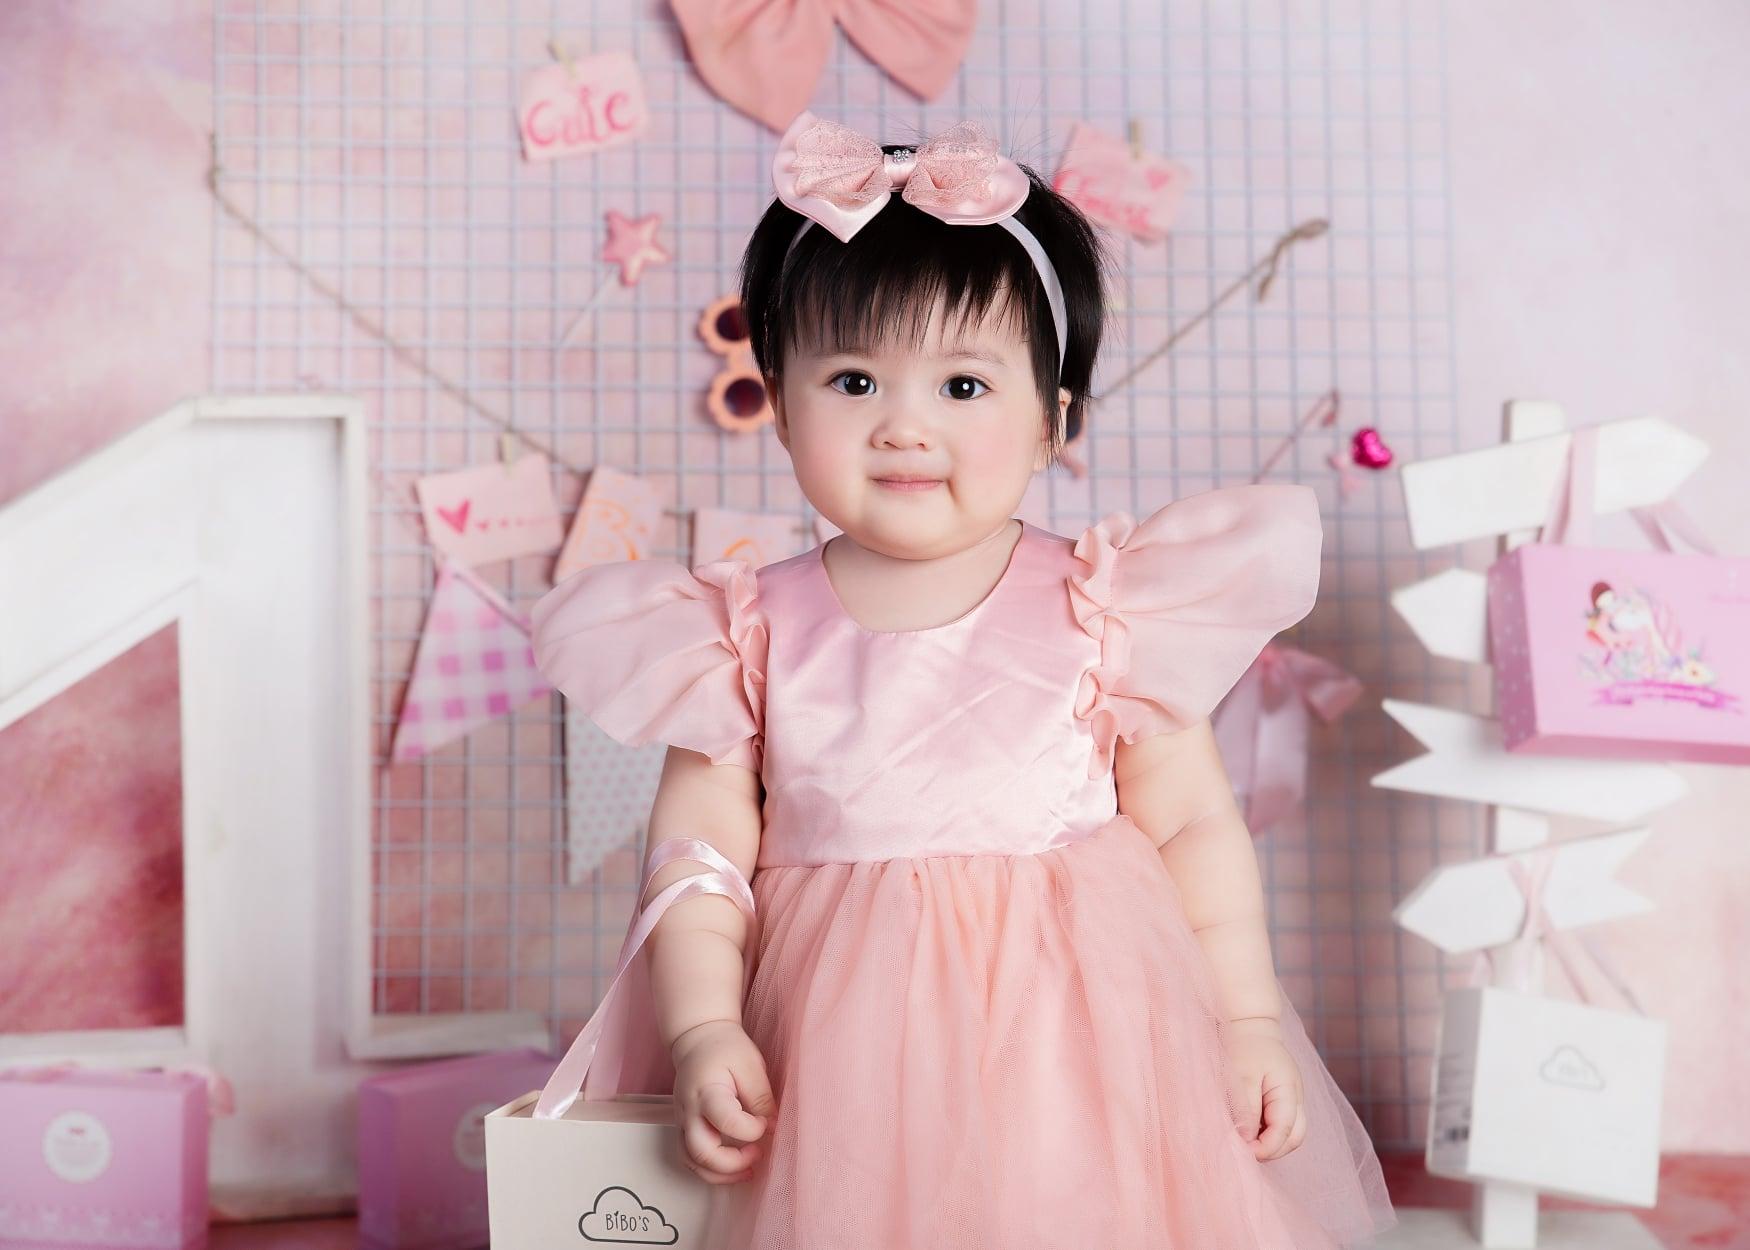 Top 9 studio chụp ảnh cho bé đẹp và chất lượng nhất Biên Hòa, Đồng Nai - BaBy Studio Ong Béo